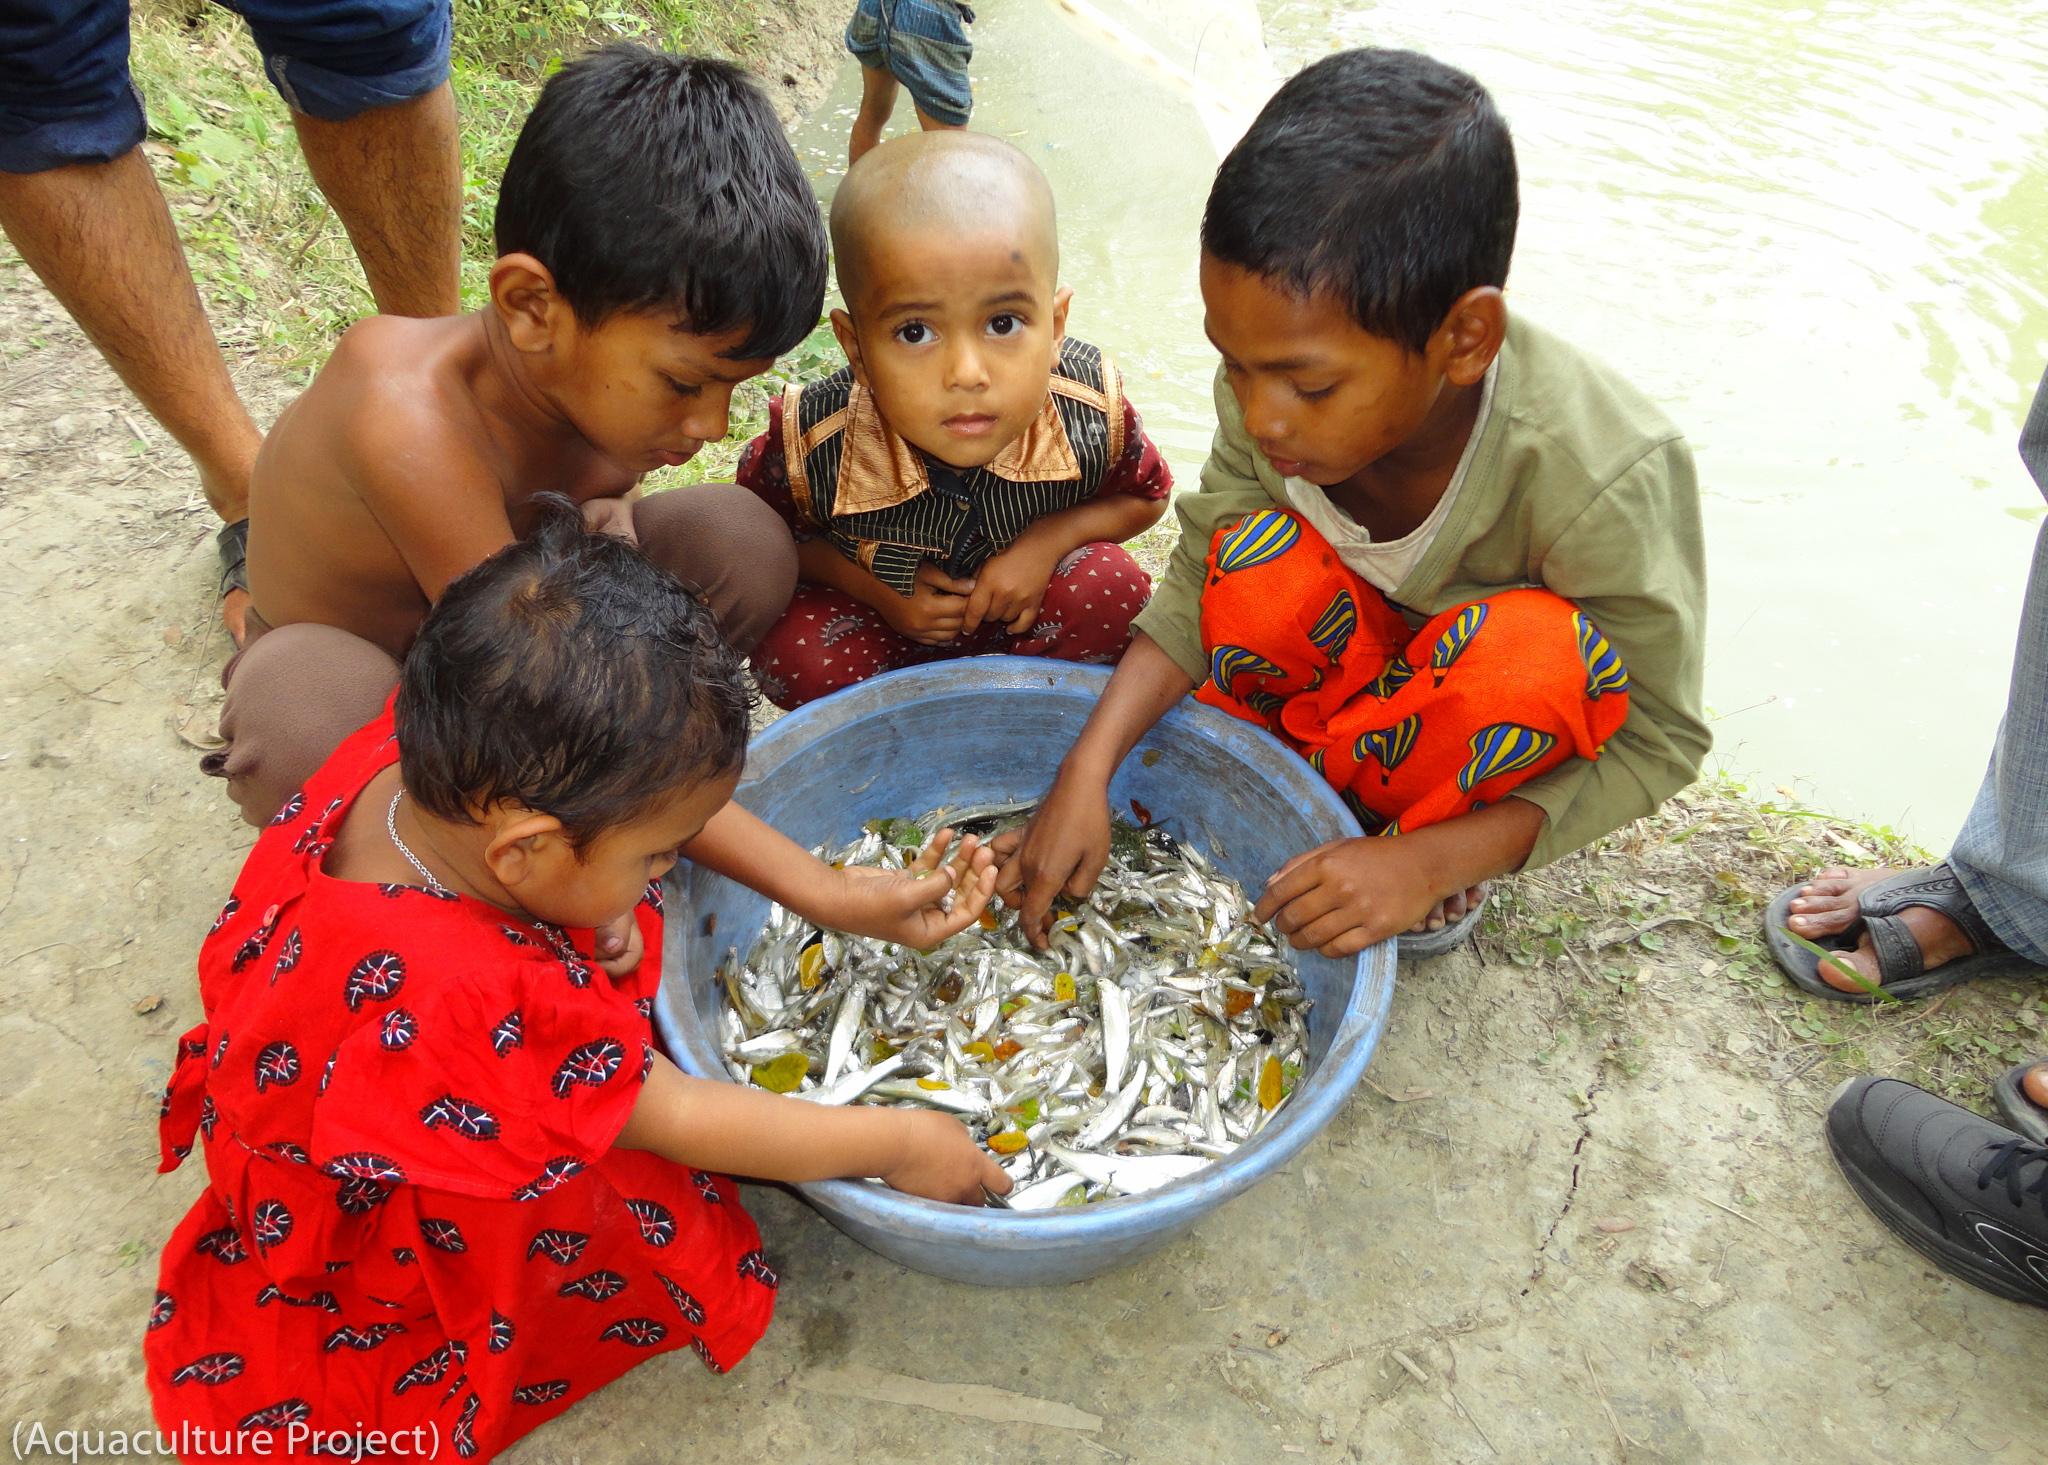 Quatre jeunes enfants autour d'une cuvette pleine de petits poissons (Aquaculture Project)